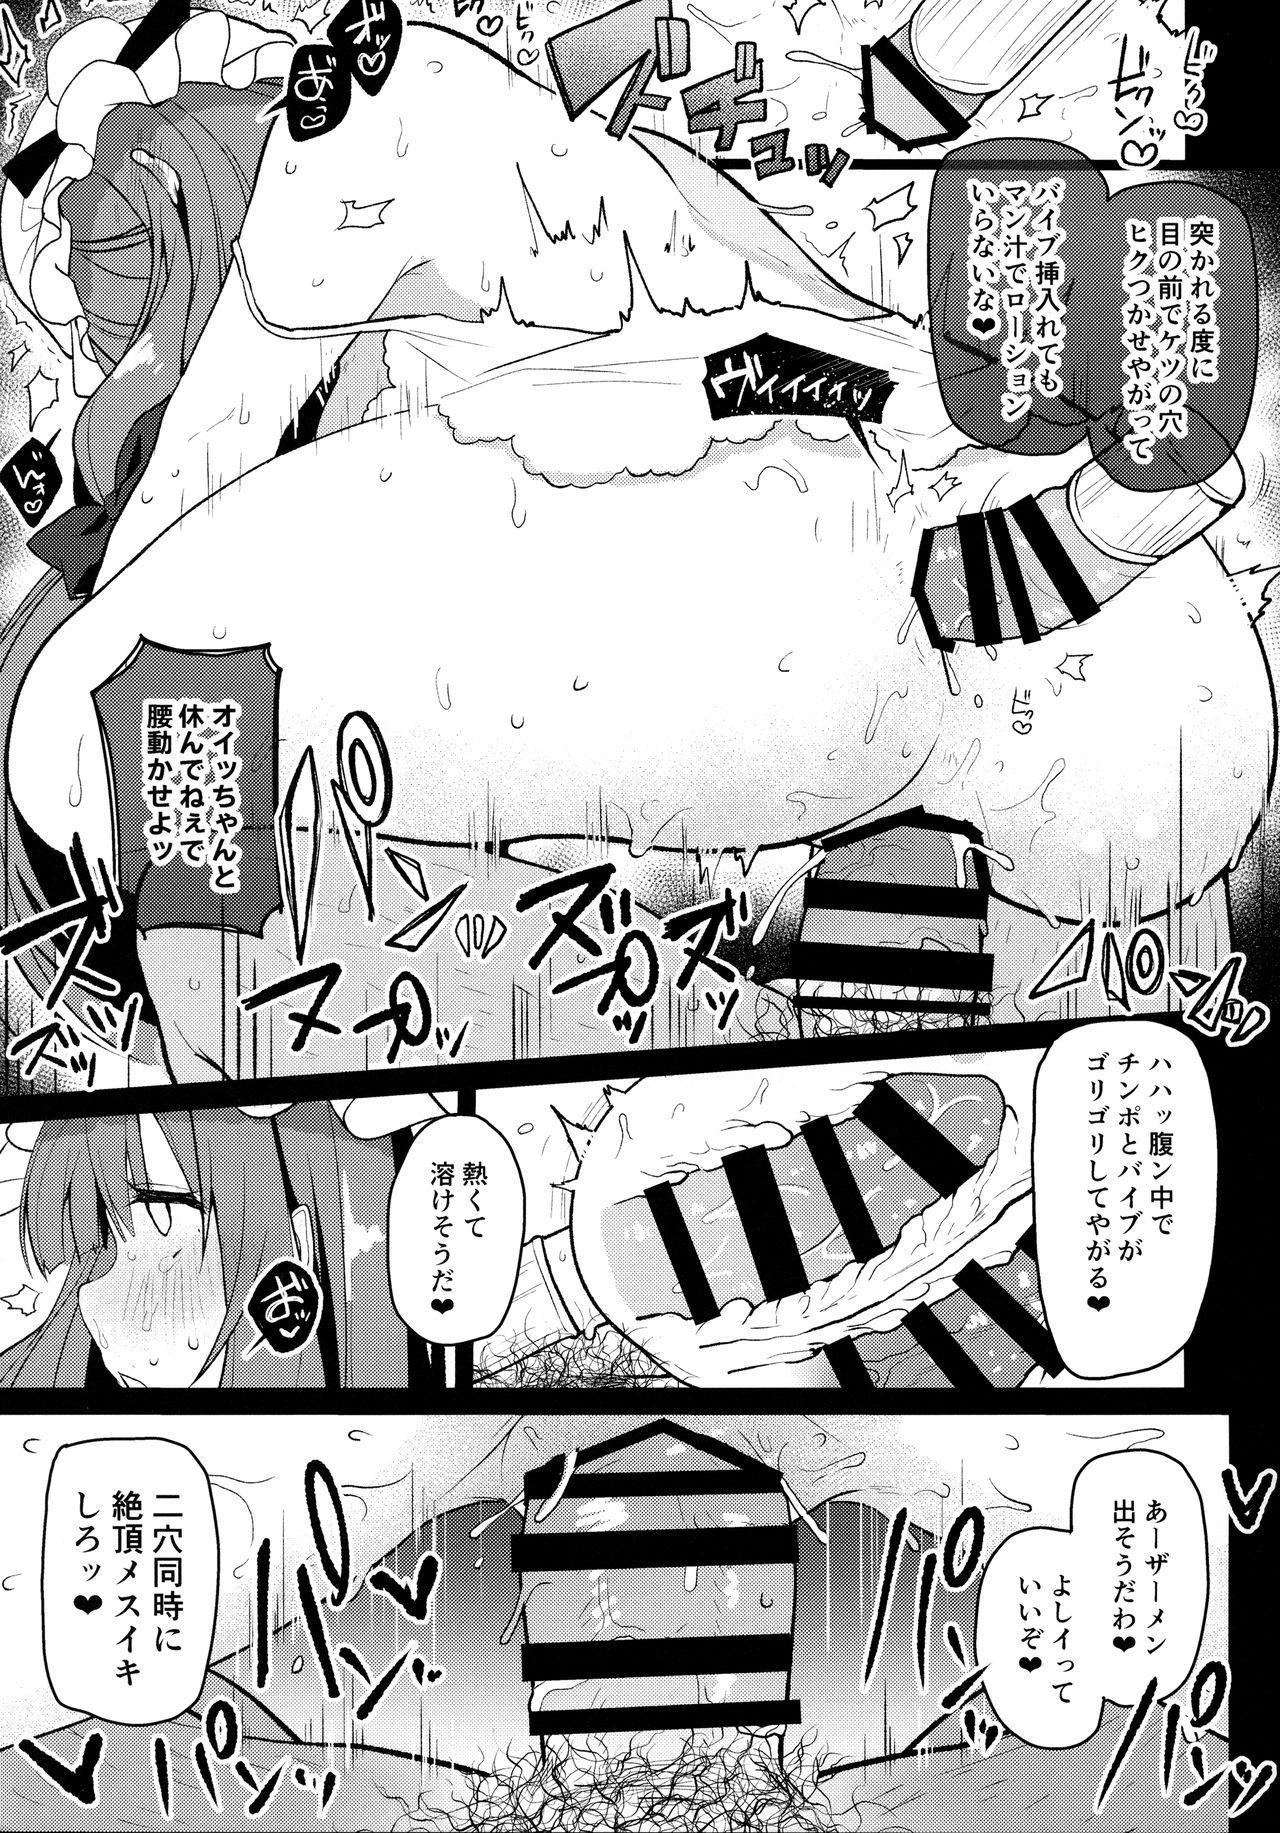 Dosukebe Pet no Patchouli to Gachihame Honki Koubi Shichaimashita 17